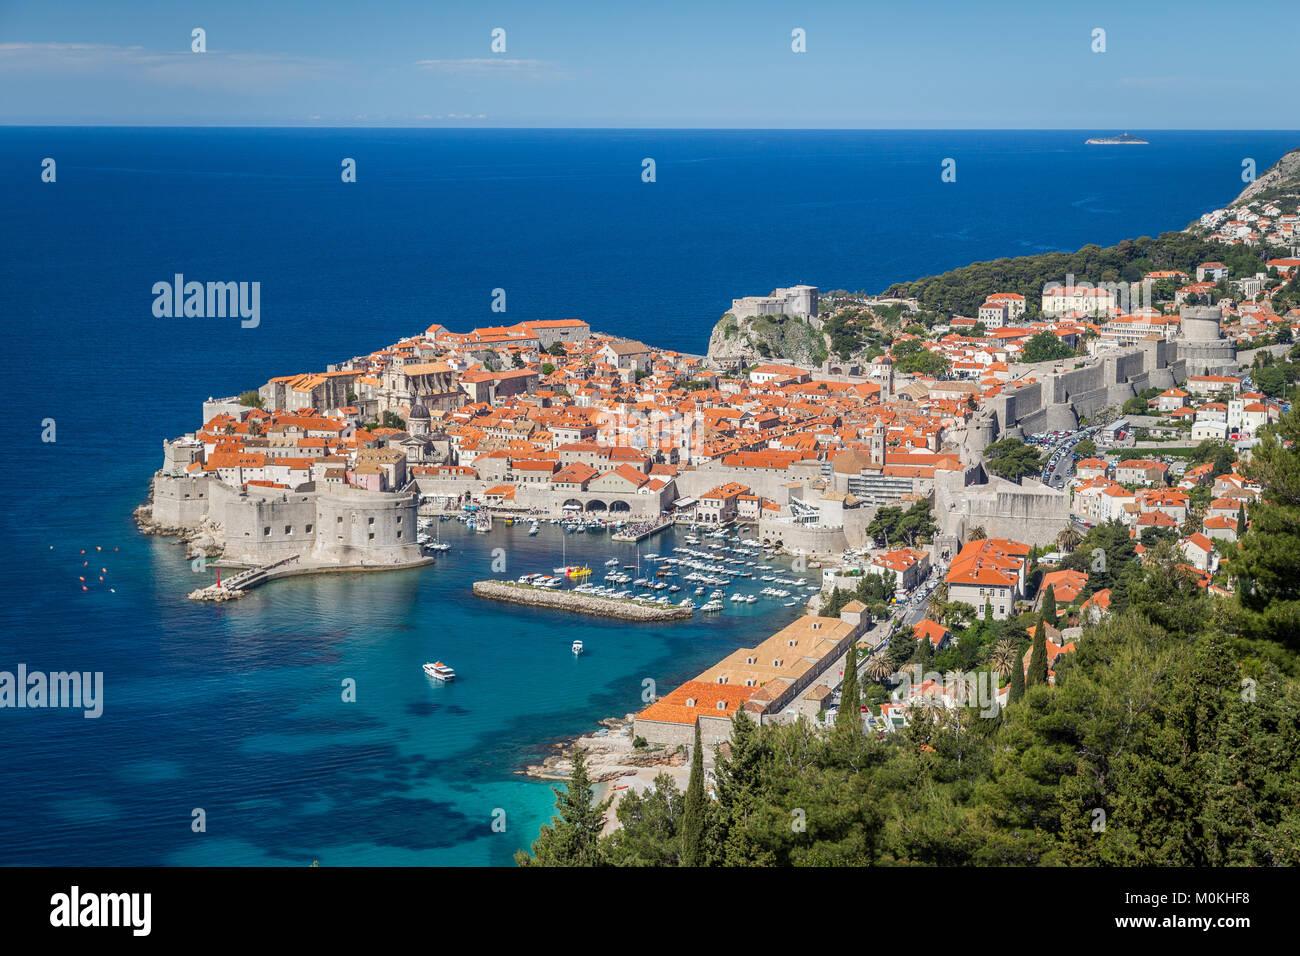 Vue panoramique sur la ville historique de Dubrovnik, l'une des plus célèbres destinations touristiques Photo Stock